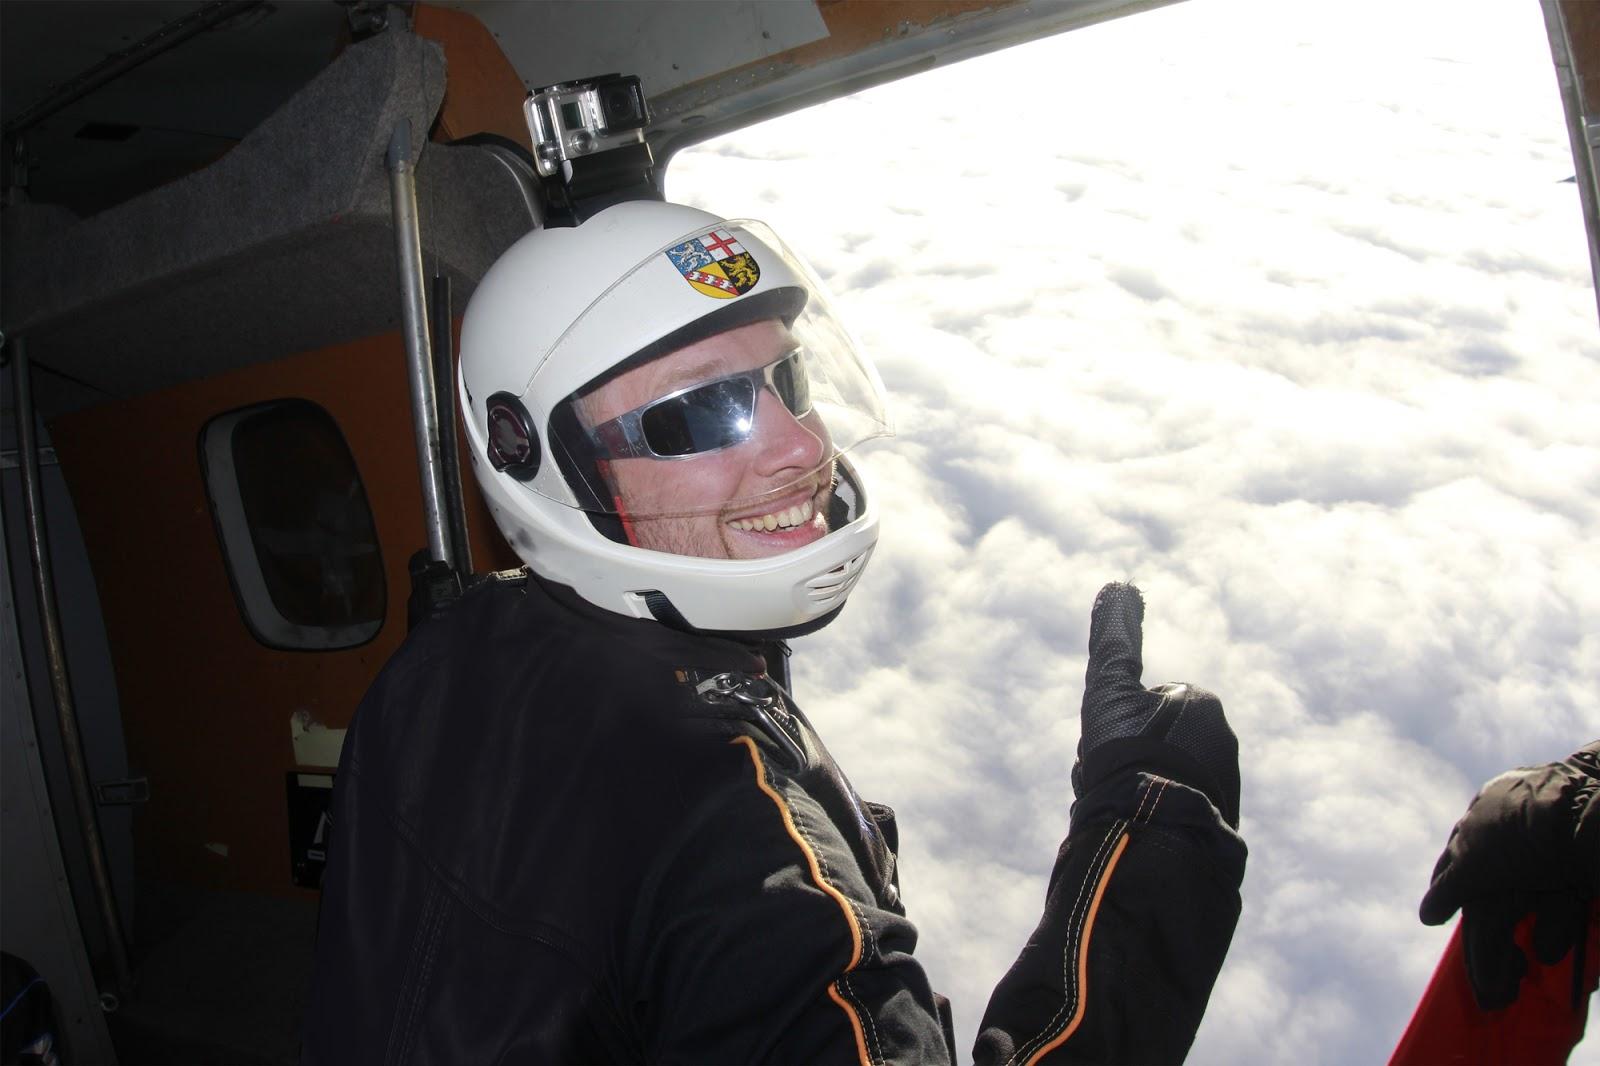 Modellprojekt: Saarland will testen, was passiert, wenn man ohne Fallschirm aus einem Flugzeug springt